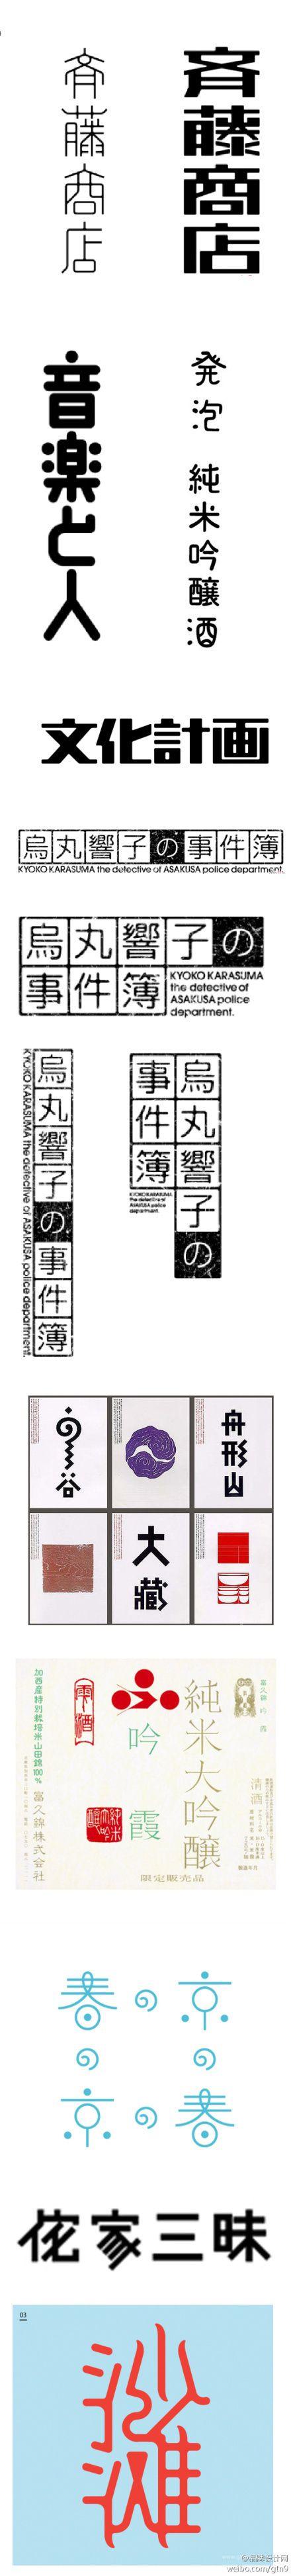 日式字體設計